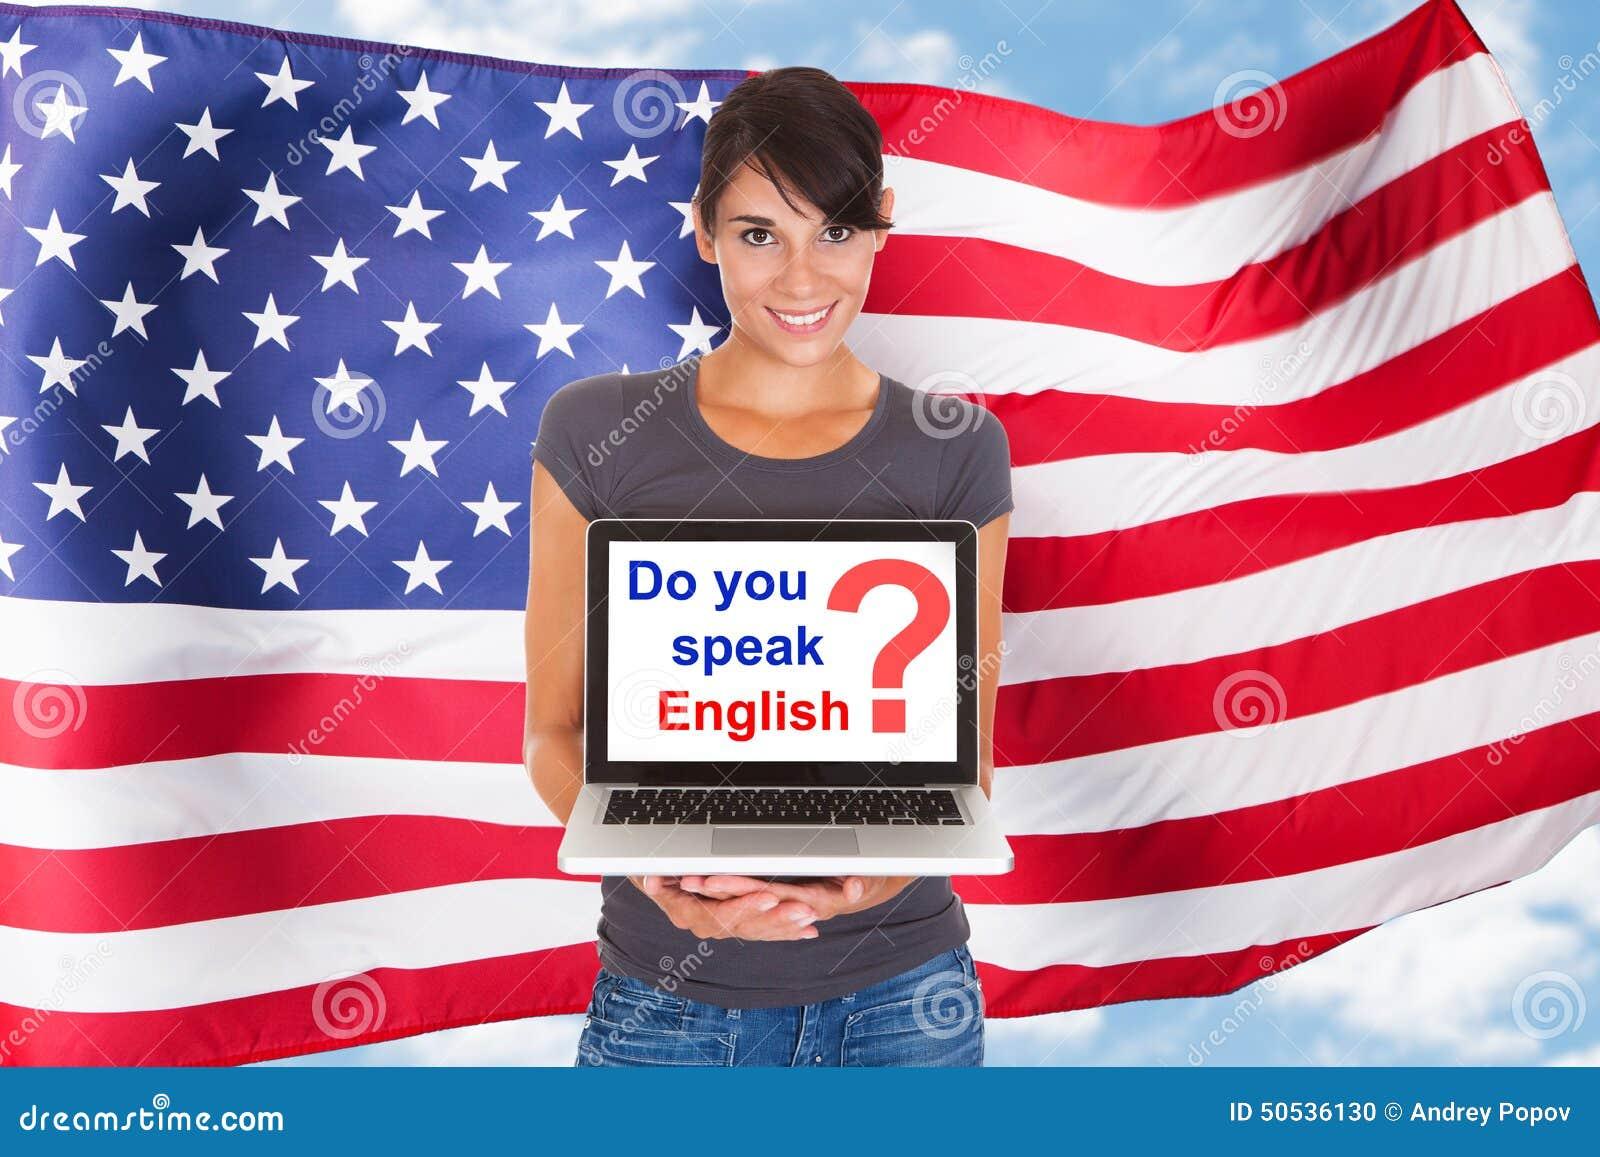 how to speak beautiful english